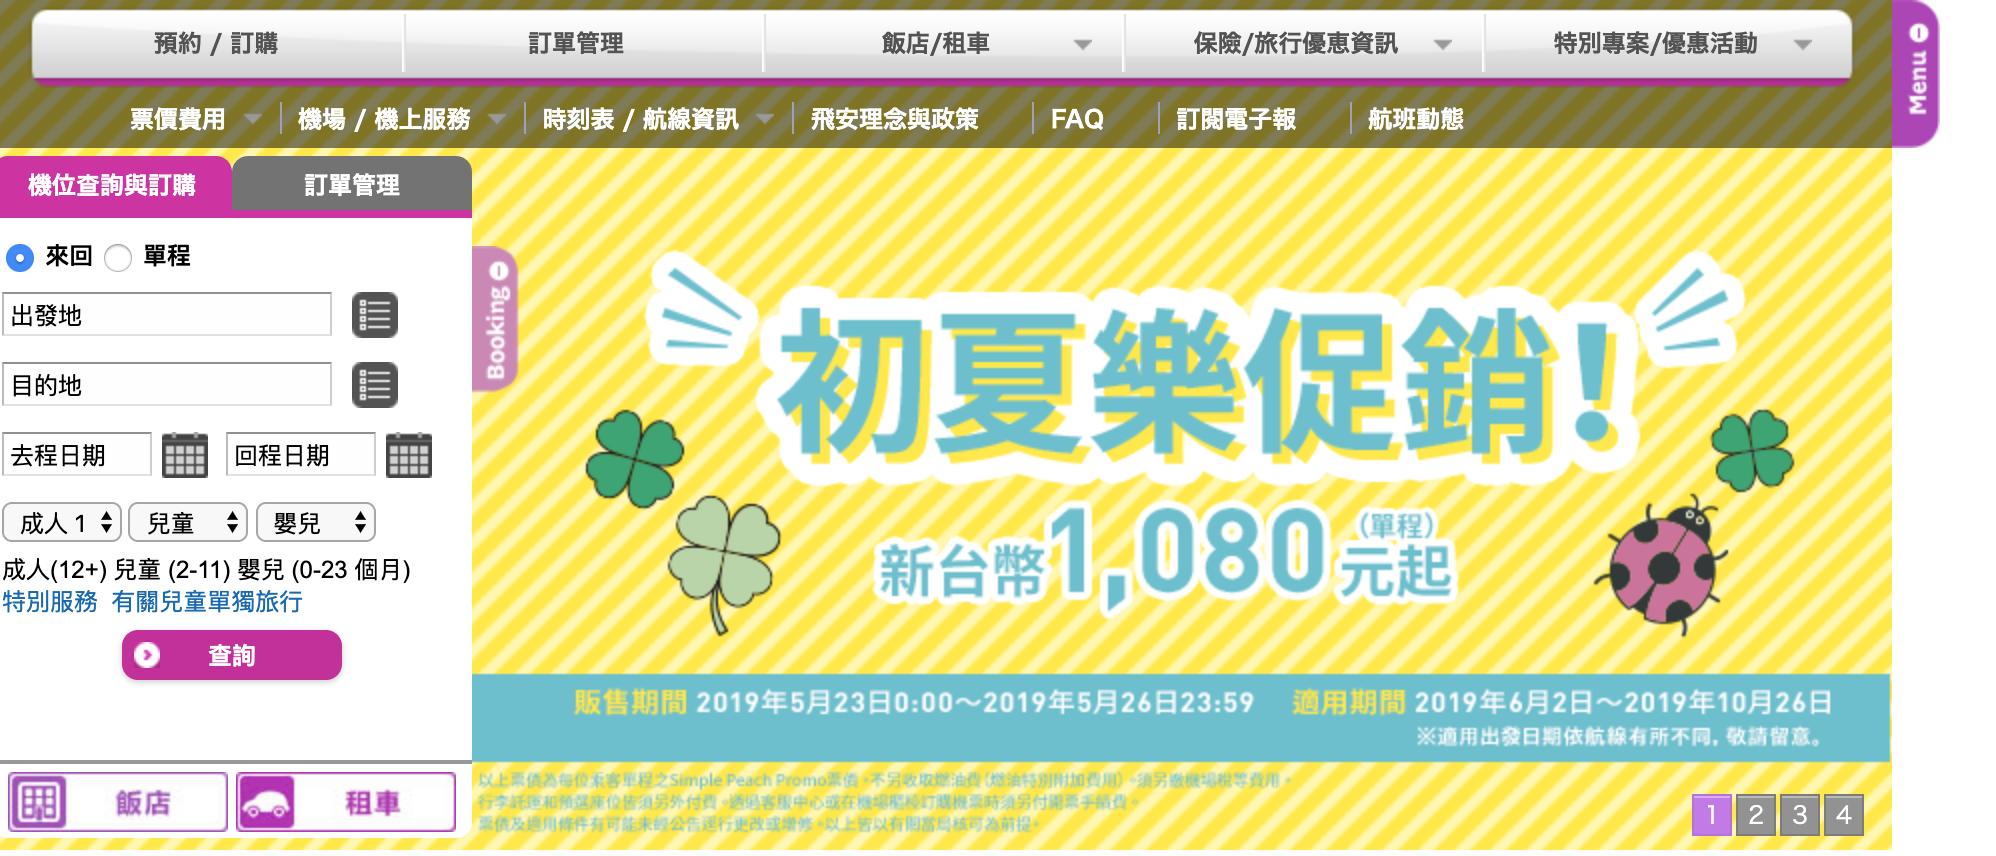 樂桃航空促銷,北海道機票最低5K起(查票:108.5.24) @走走停停,小燈泡在旅行